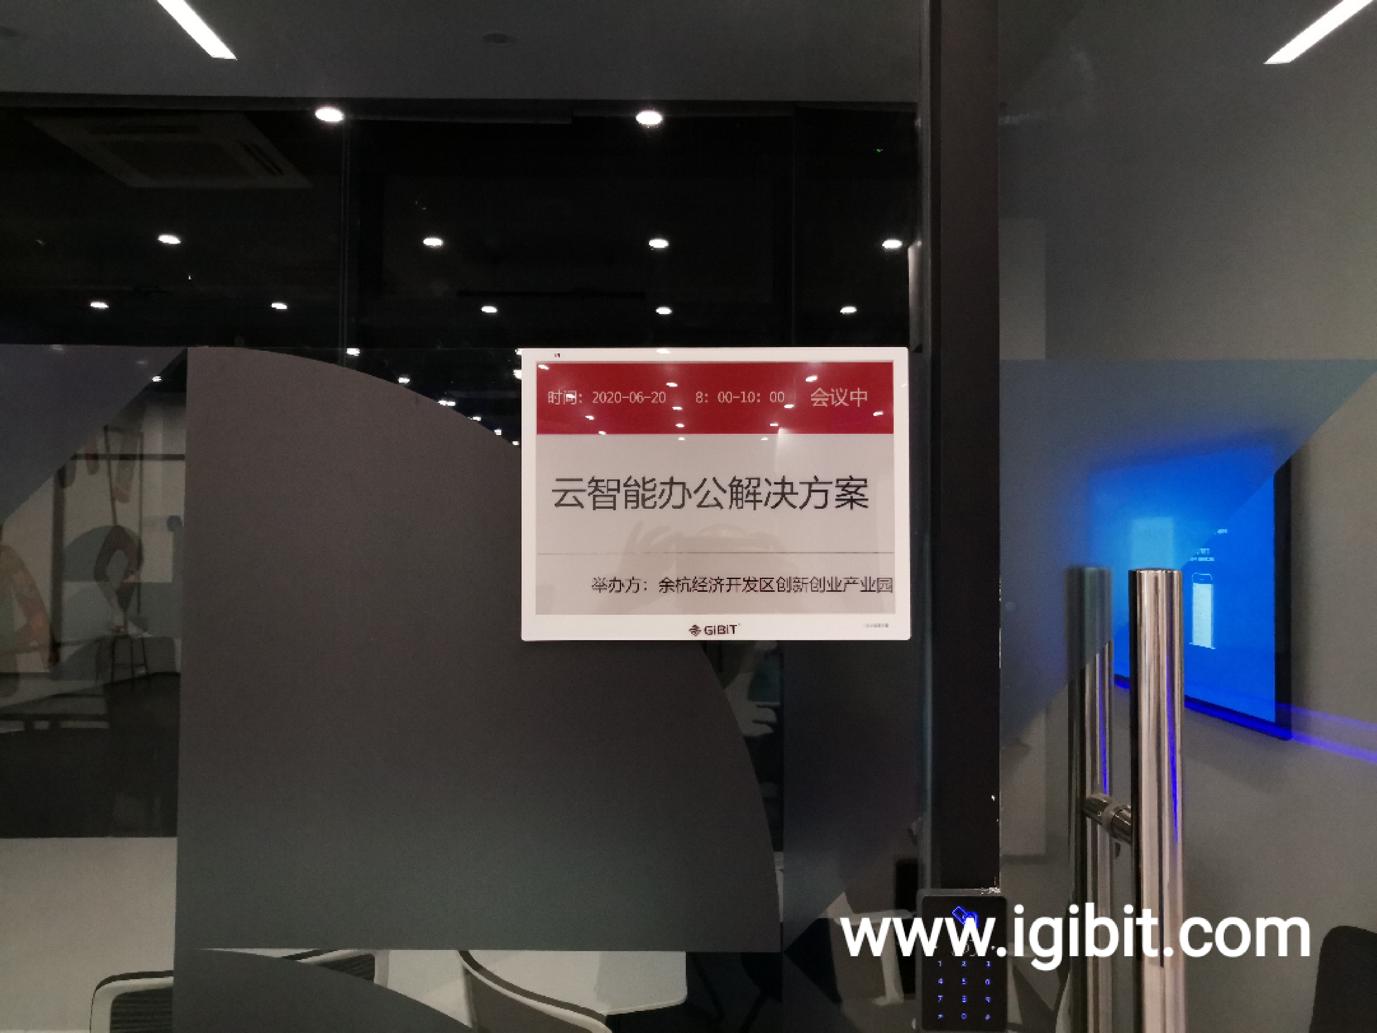 深圳金之桥GIBIT电子墨水屏智能信息发布系统